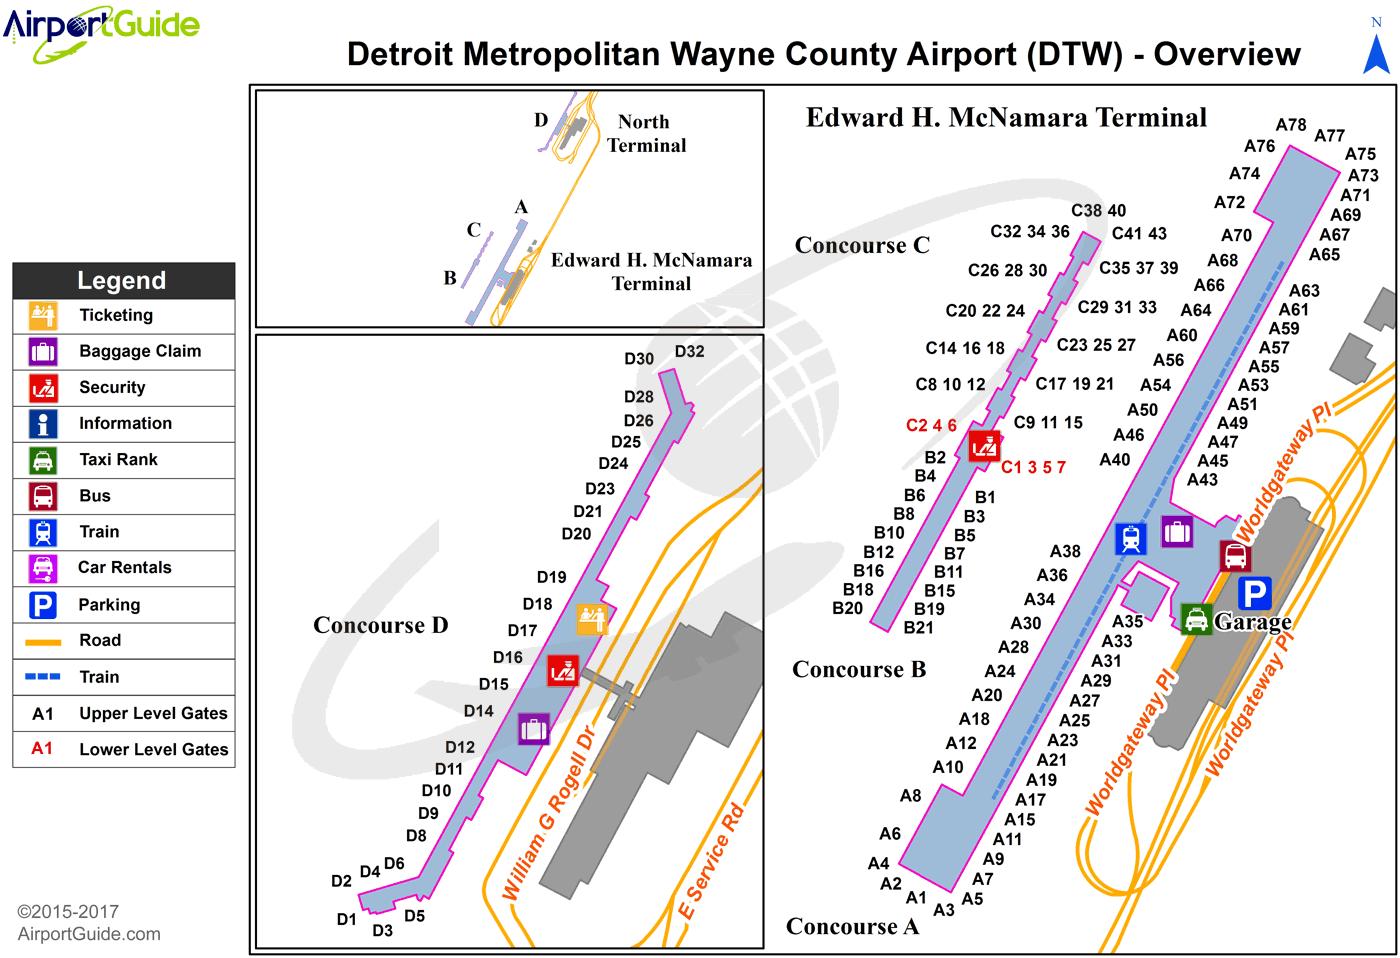 detroit  detroit metropolitan wayne county (dtw) airport terminal map overview. detroit  detroit metropolitan wayne county (dtw) airport terminal